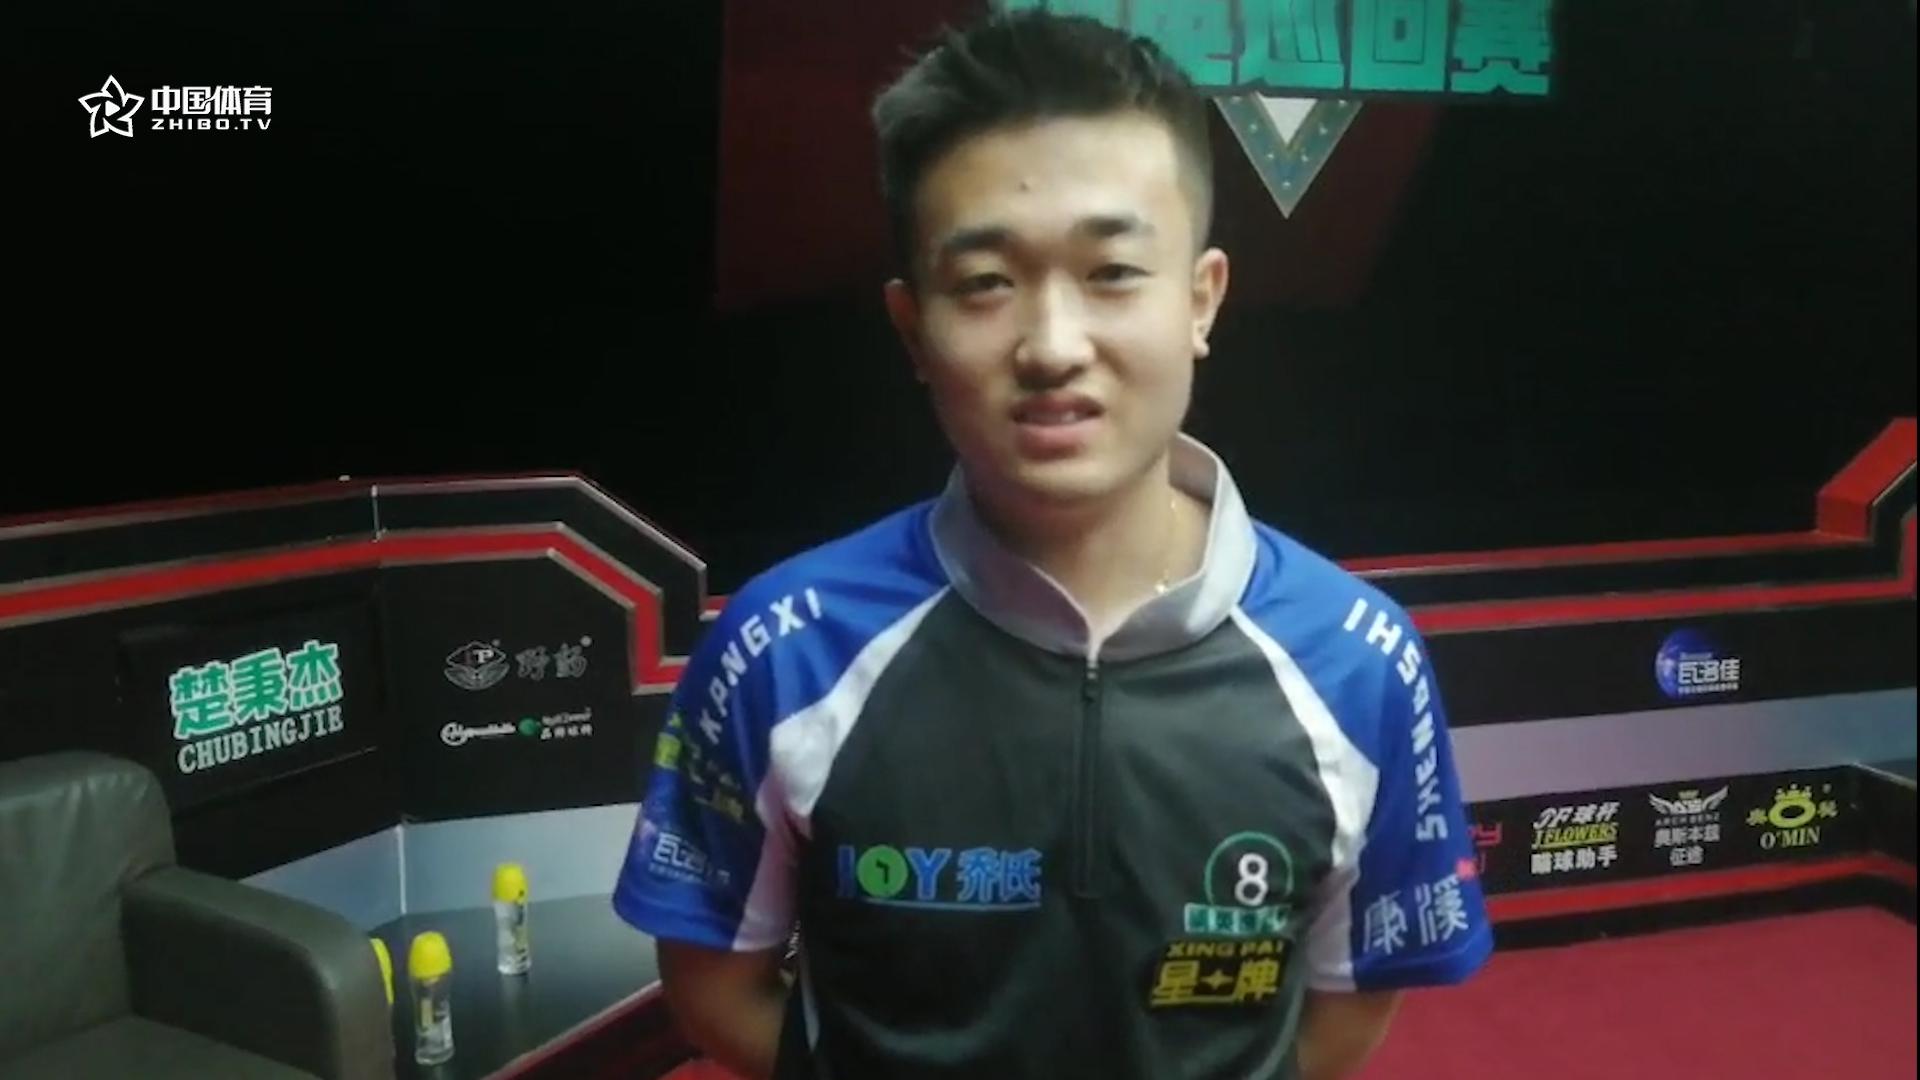 精英巡回赛首站冠军赵汝亮回应击球节奏:打好自己的球就好了,我一直这样!